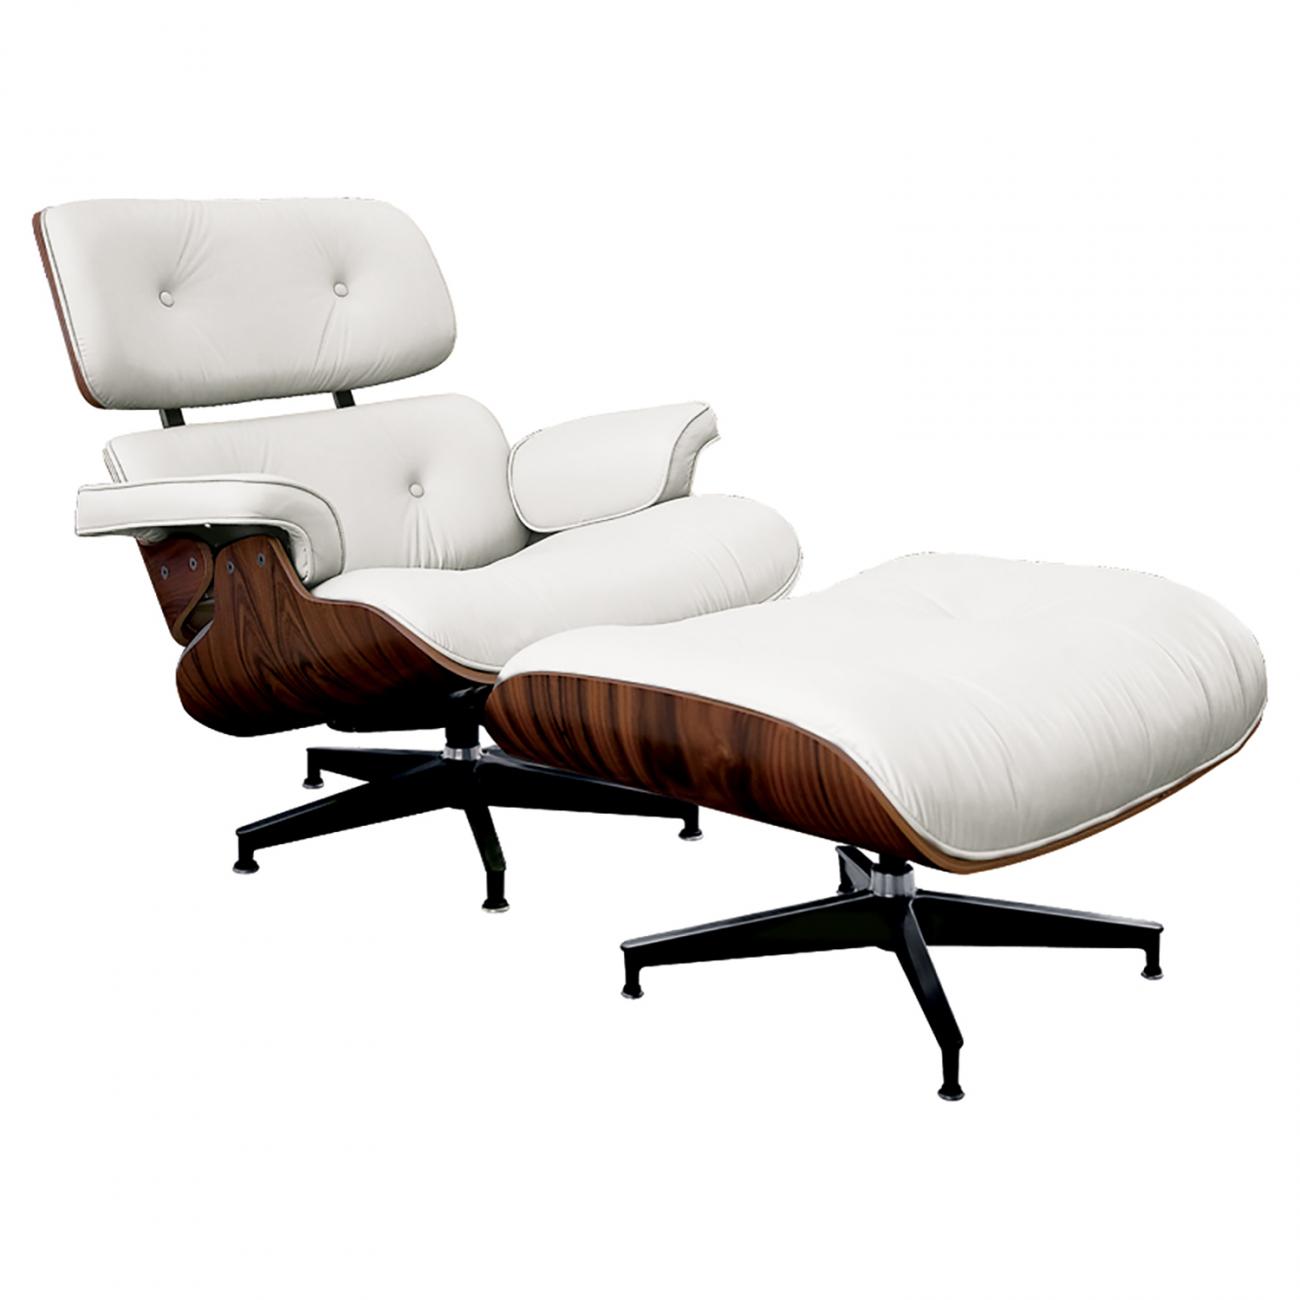 Купить Кресло Lounge Chair & Ottoman Белая Кожа Класса Премиум в интернет магазине дизайнерской мебели и аксессуаров для дома и дачи